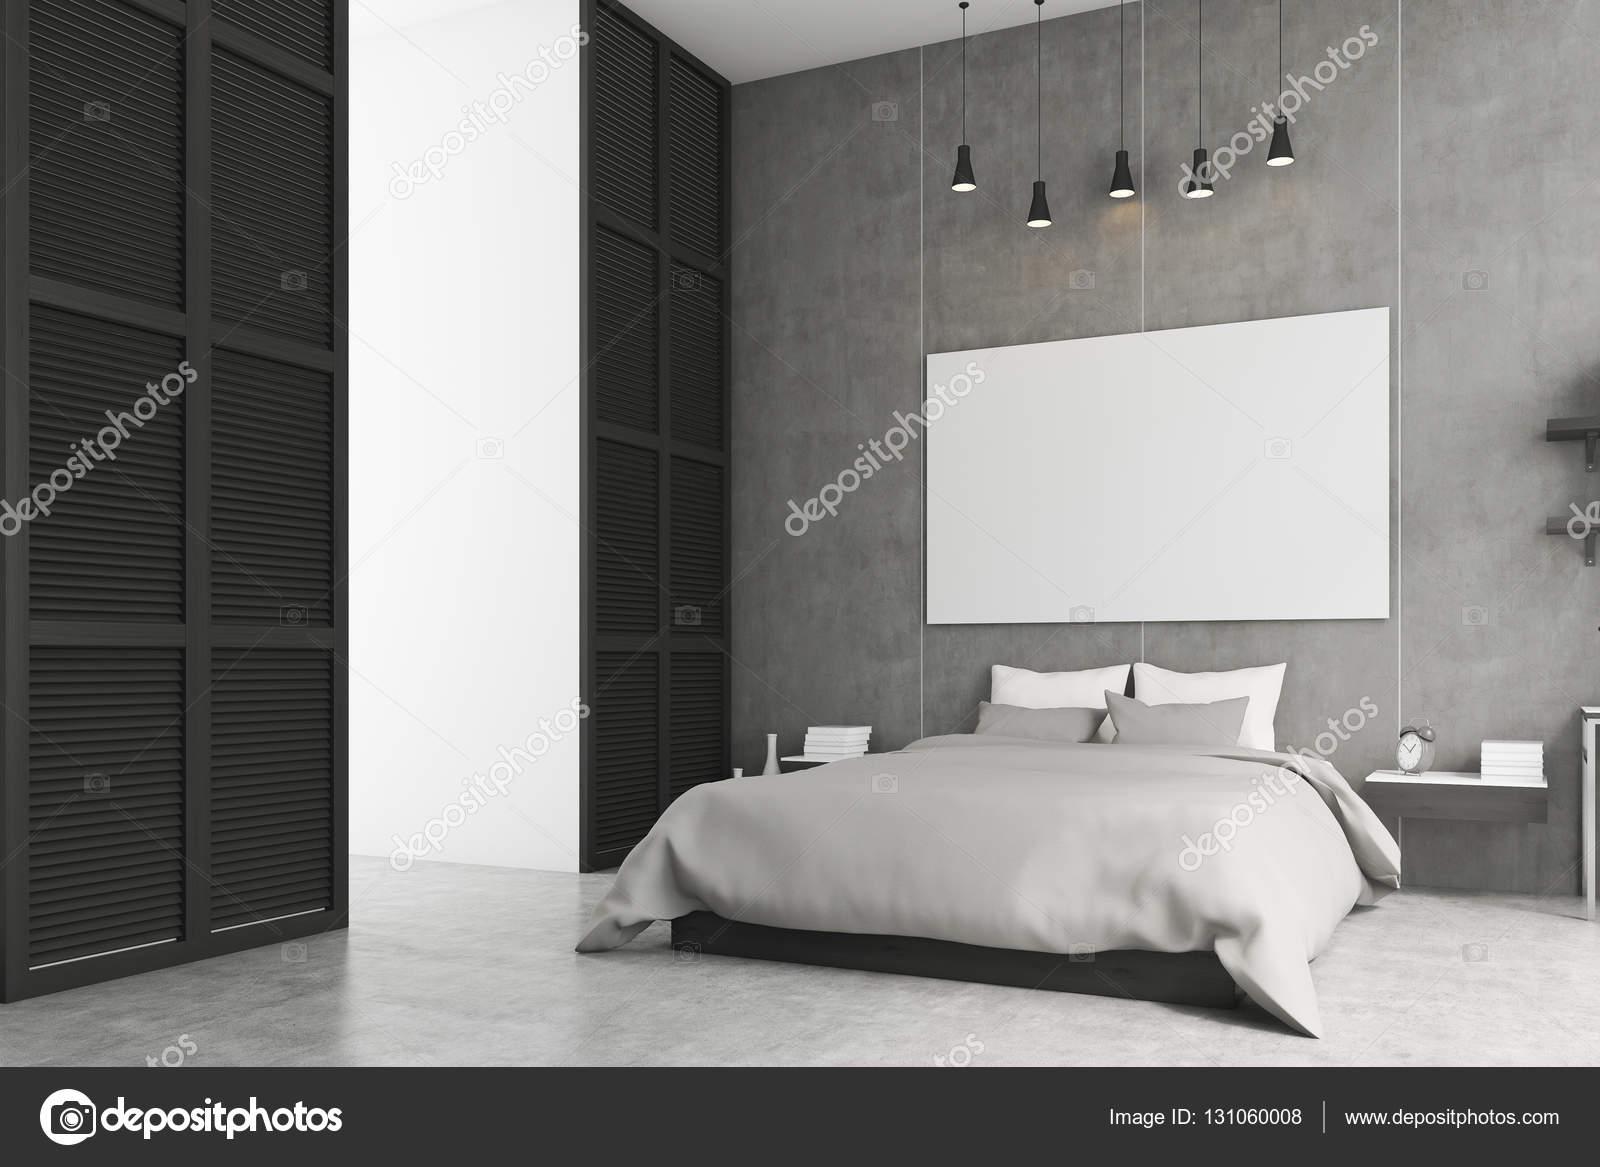 Schlafzimmer Mit Poster Und Ein Fenster In Eine Schwarze Wand U2014 Stockfoto